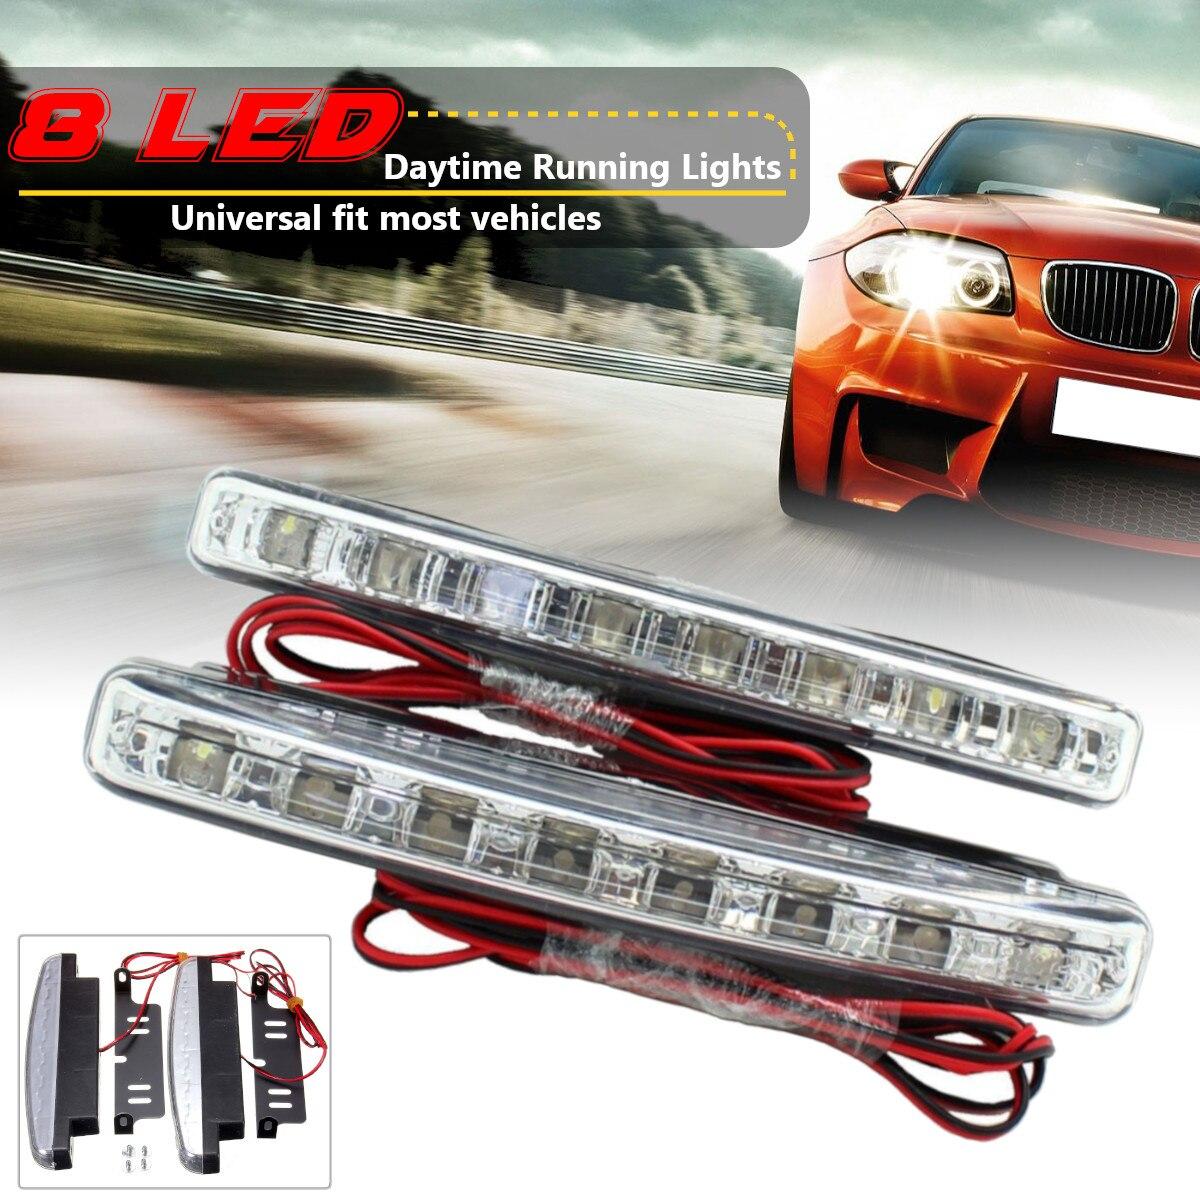 2pcs Universal 6000K 8LEDs Car LED Daytime Running Light DRL Fog font b Lamp b font